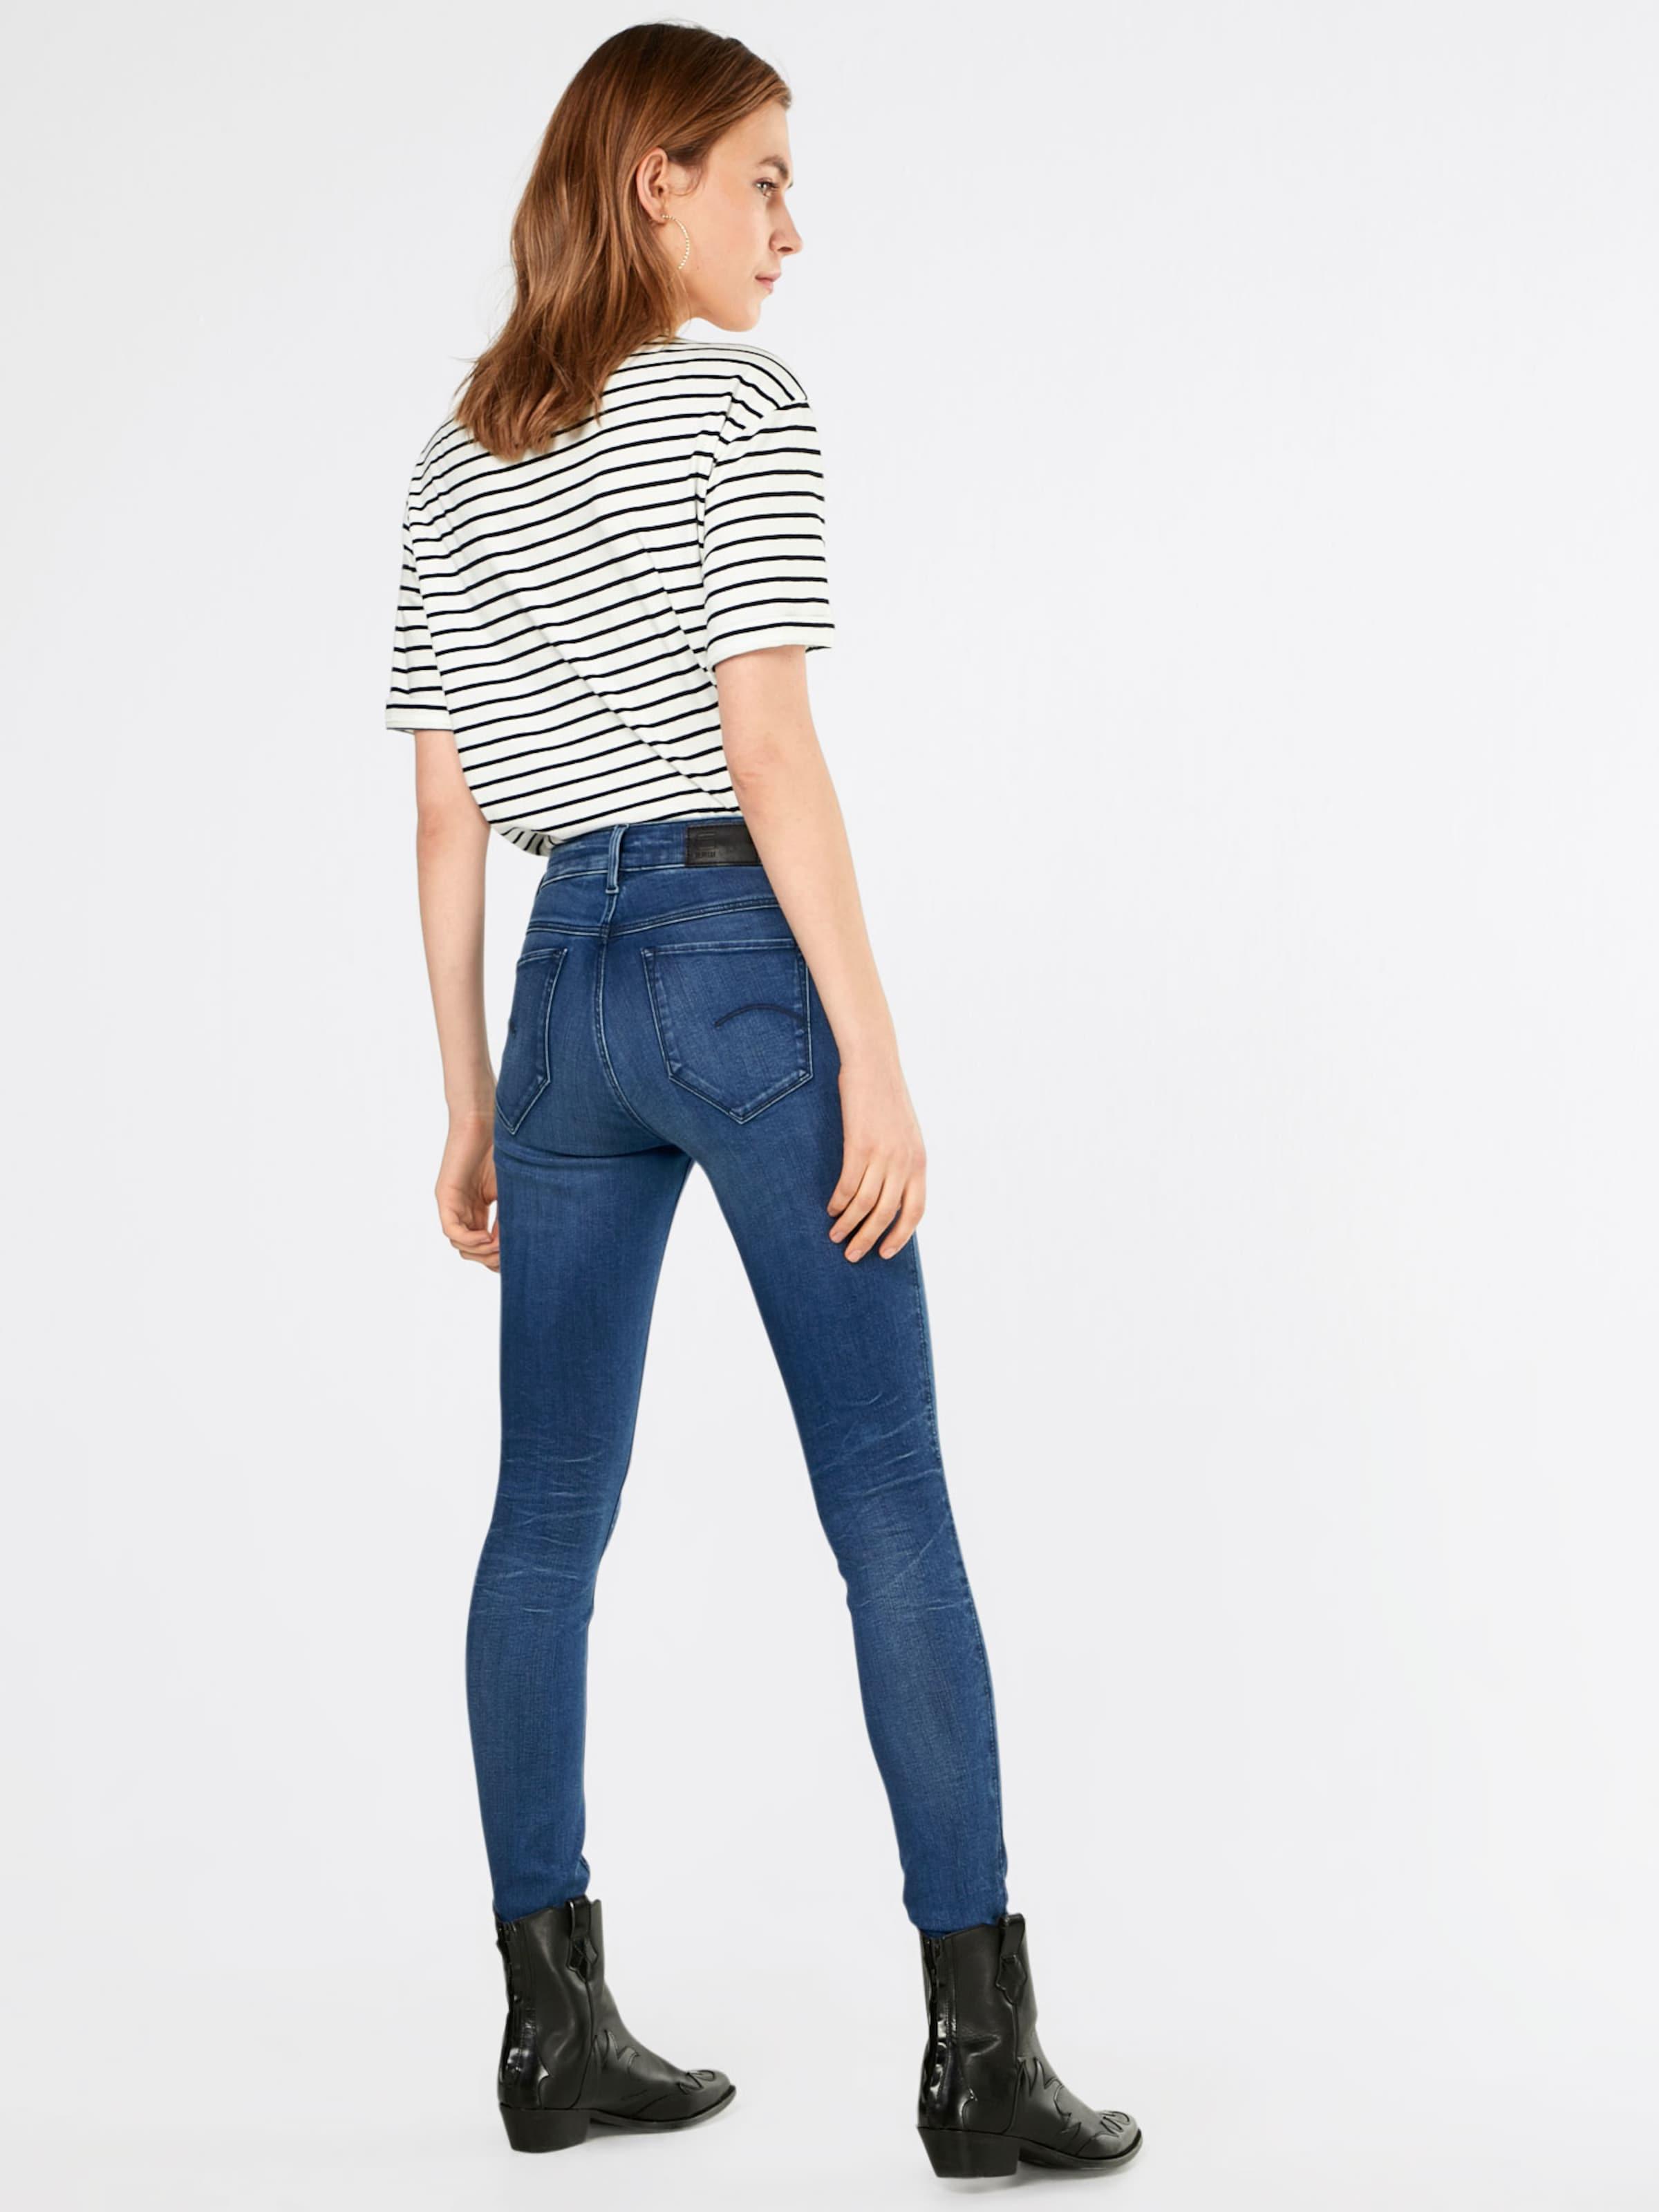 Verkauf Footlocker G-STAR RAW Skinny Jeans 'Shape High' Kosten Empfehlen Rabatt 0YTmVP5t0